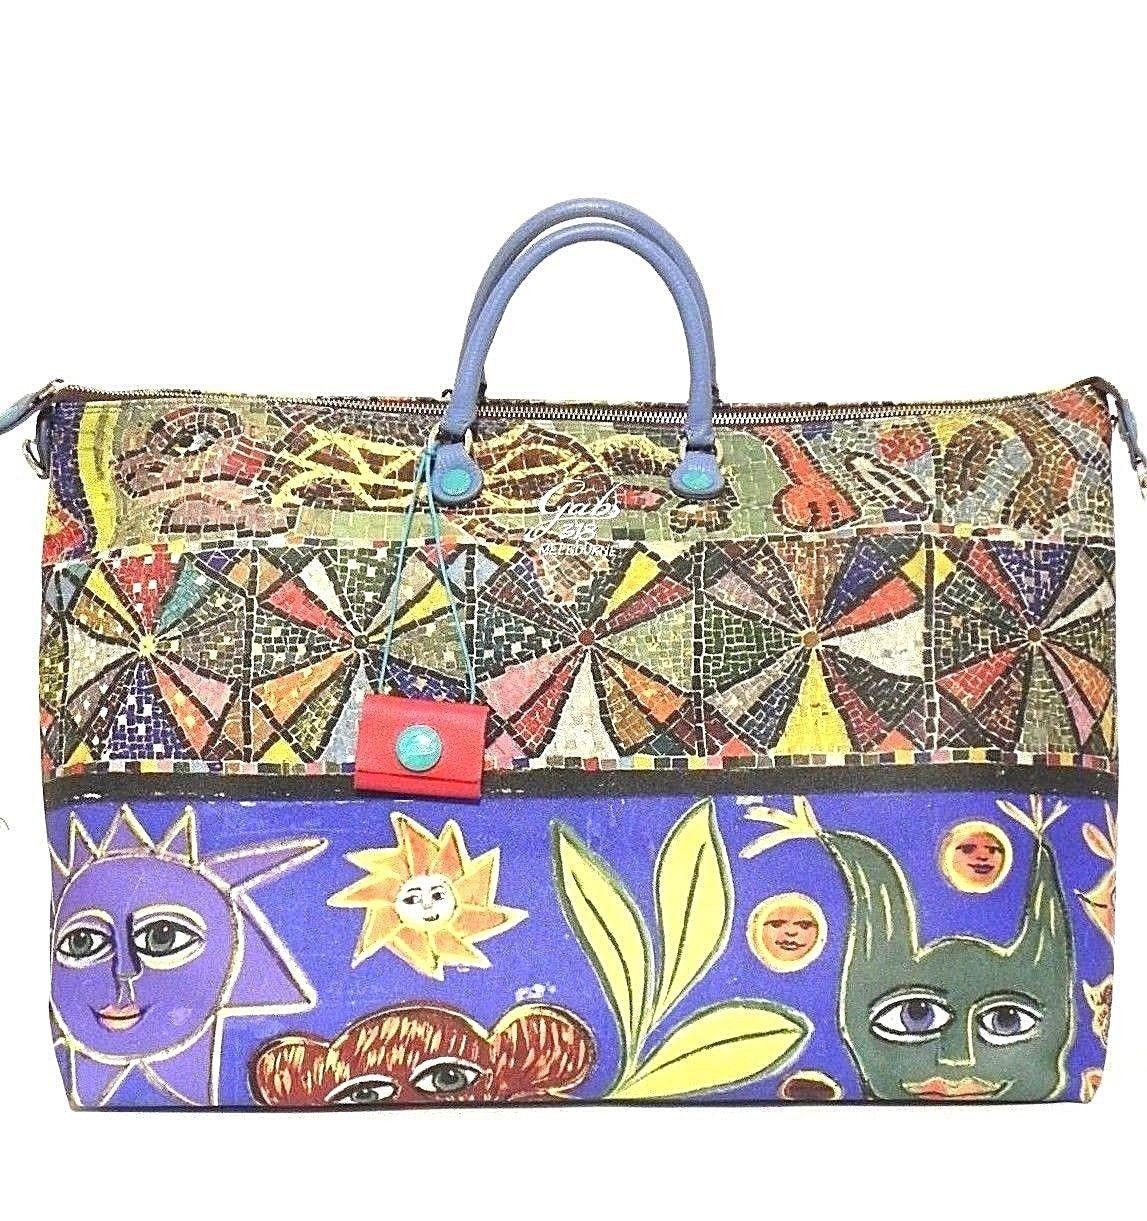 BORSA GABS KATIA SHOPPING STUDIO WEEKEND BAG PRINT TG XL 318 DECORO